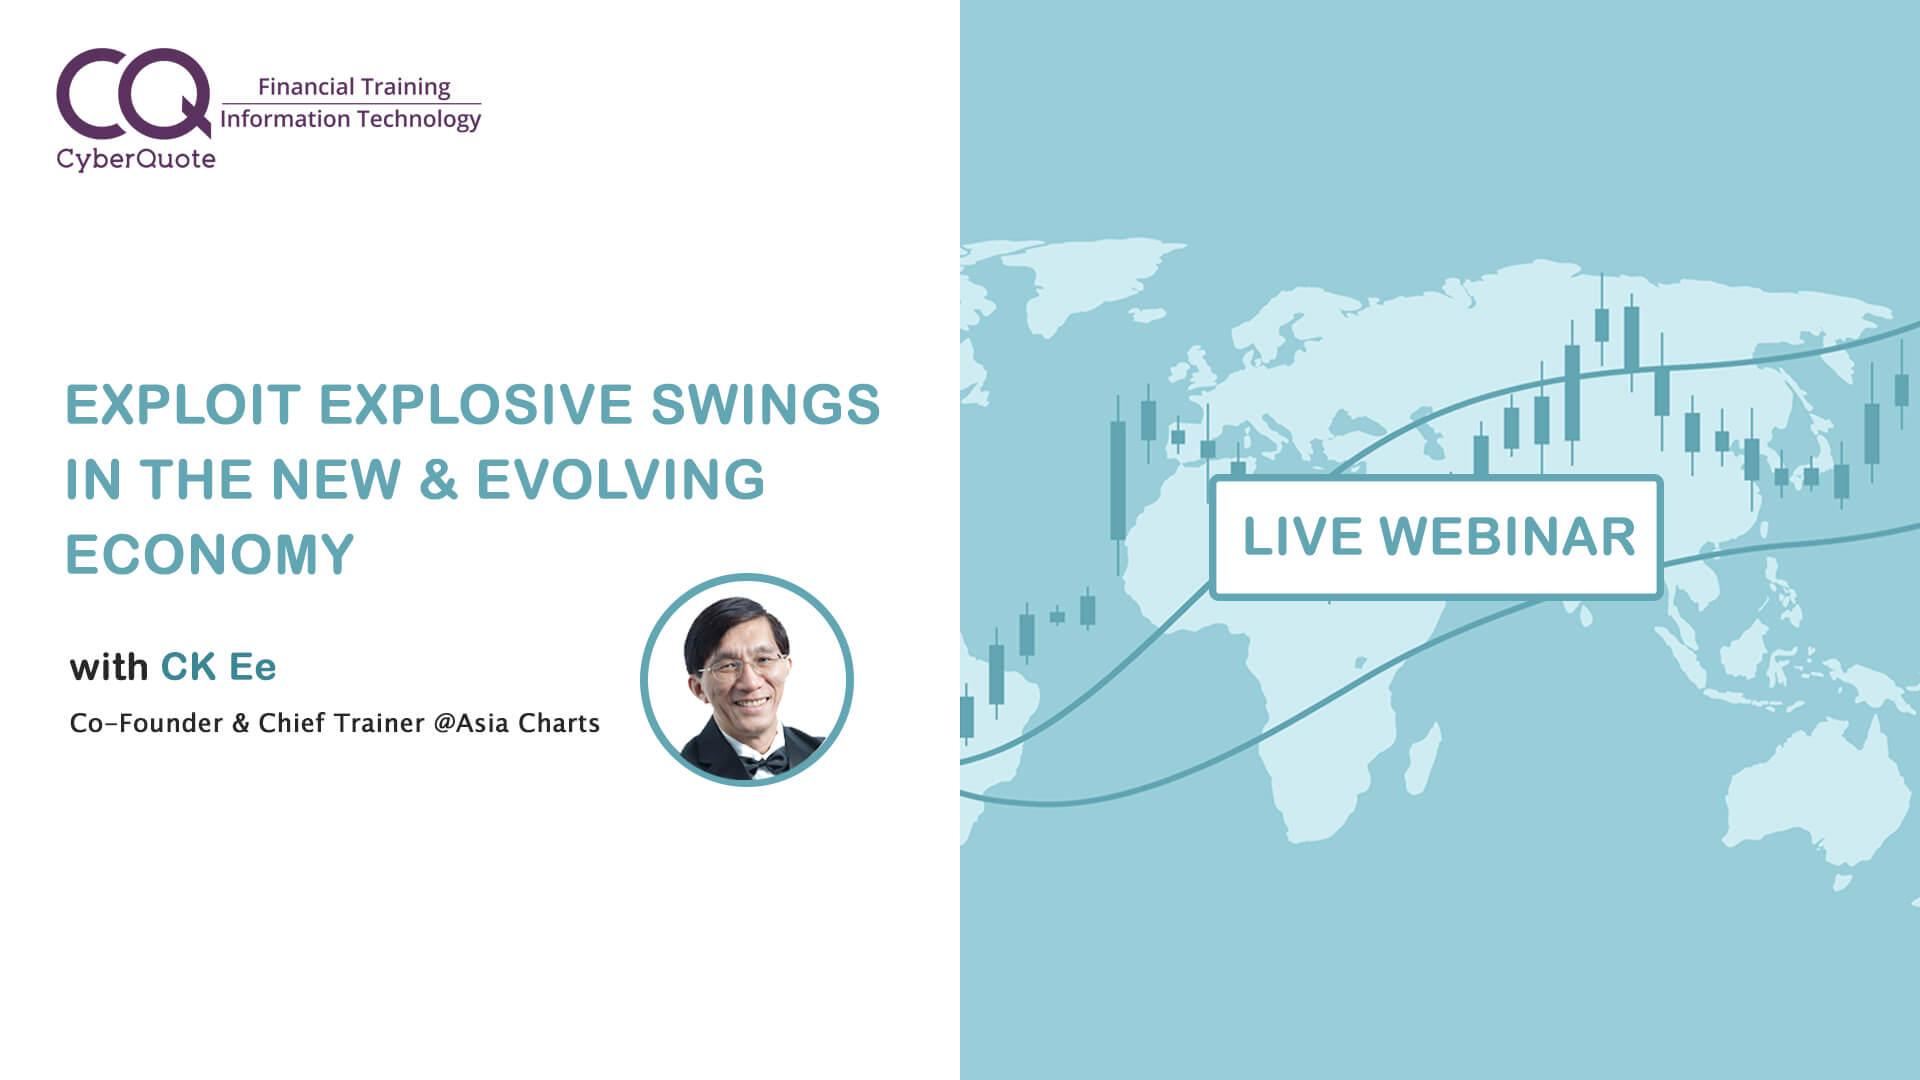 Exploit Explosive Swings New Evolving Digital Links Cover